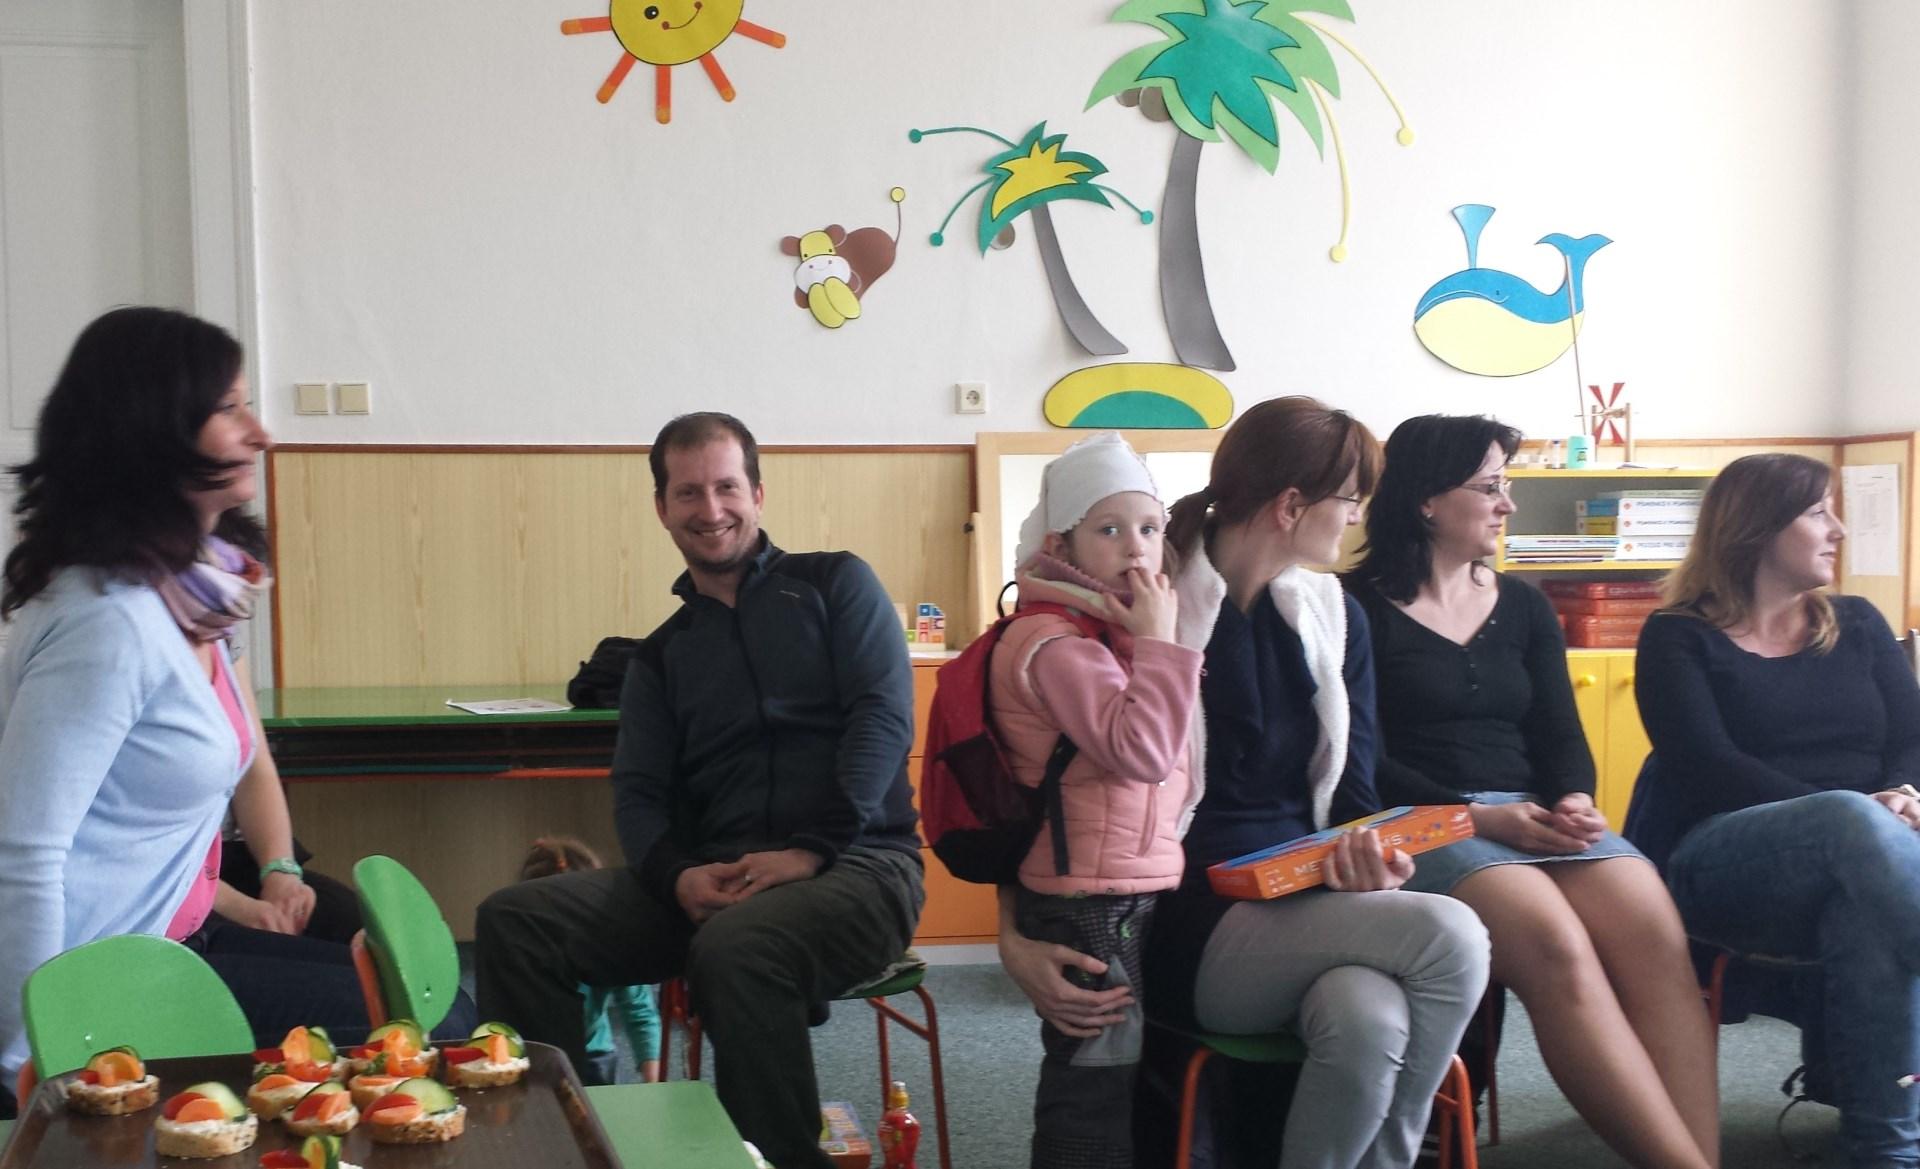 Projektoví dny ve školkách a školách - Spolek Zdraví do škol ... od A po Z, z.s.